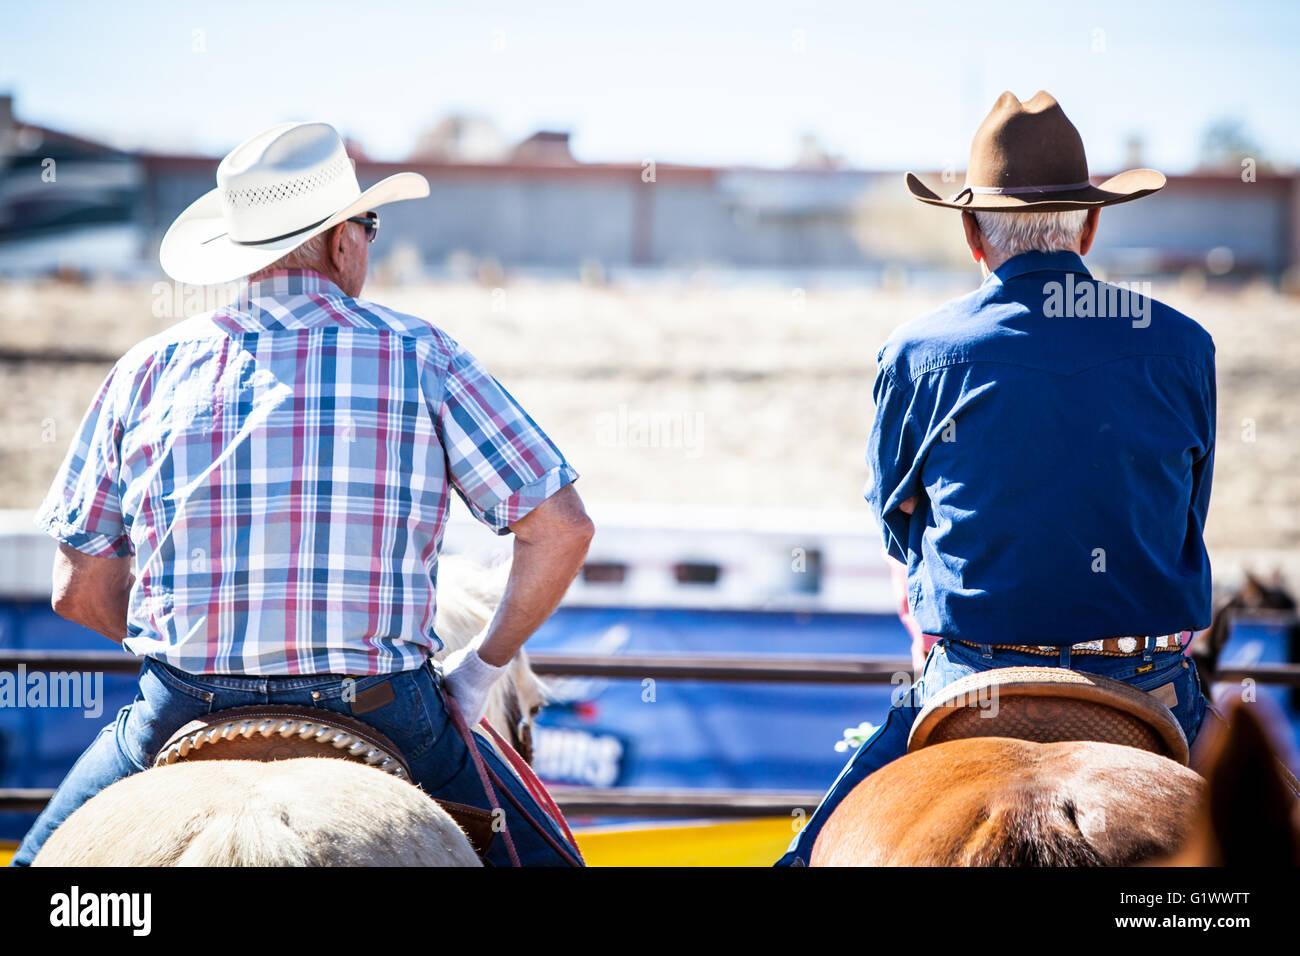 Wickenburg, USA - Febrero 5, 2013: Los jinetes compiten en un equipo roping competencia en Wickenburg, Arizona, Foto de stock